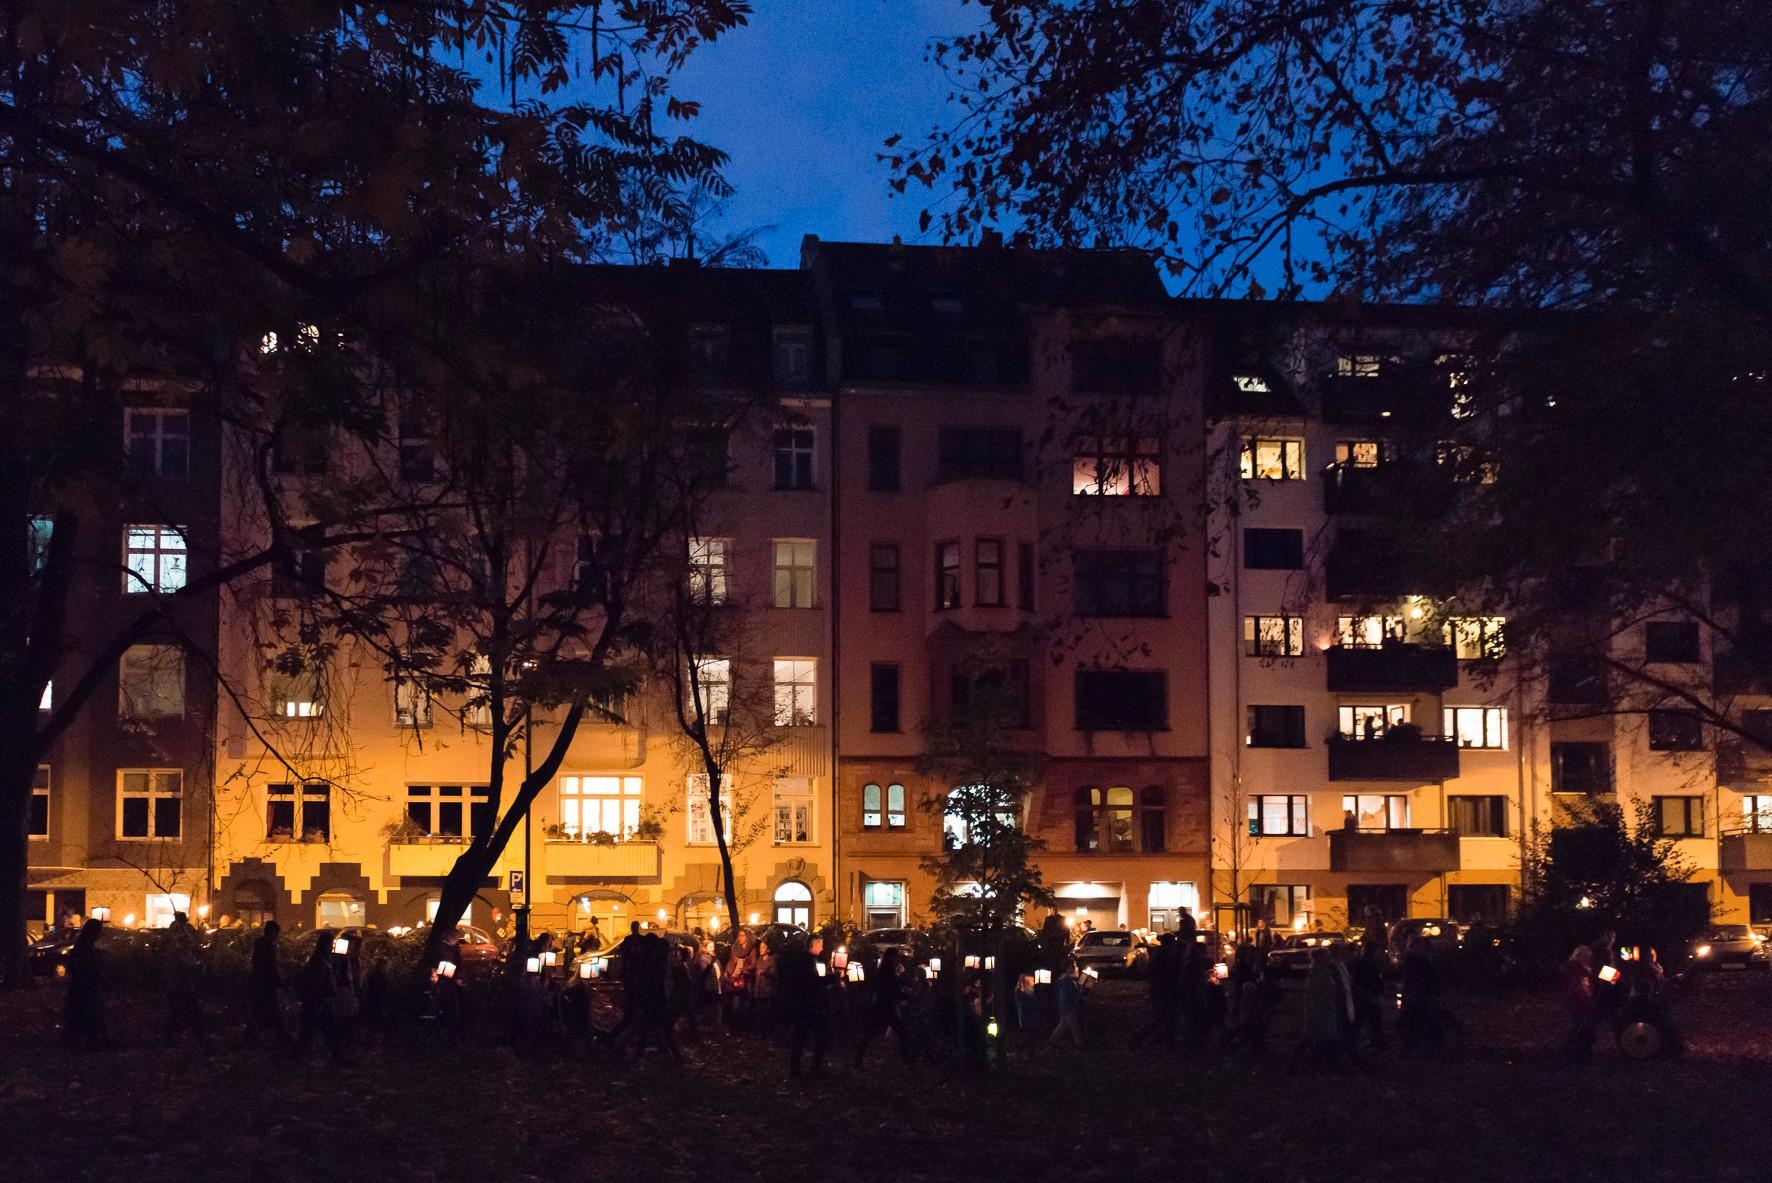 KGS Mainzer Strasse Martinszug 2015-16